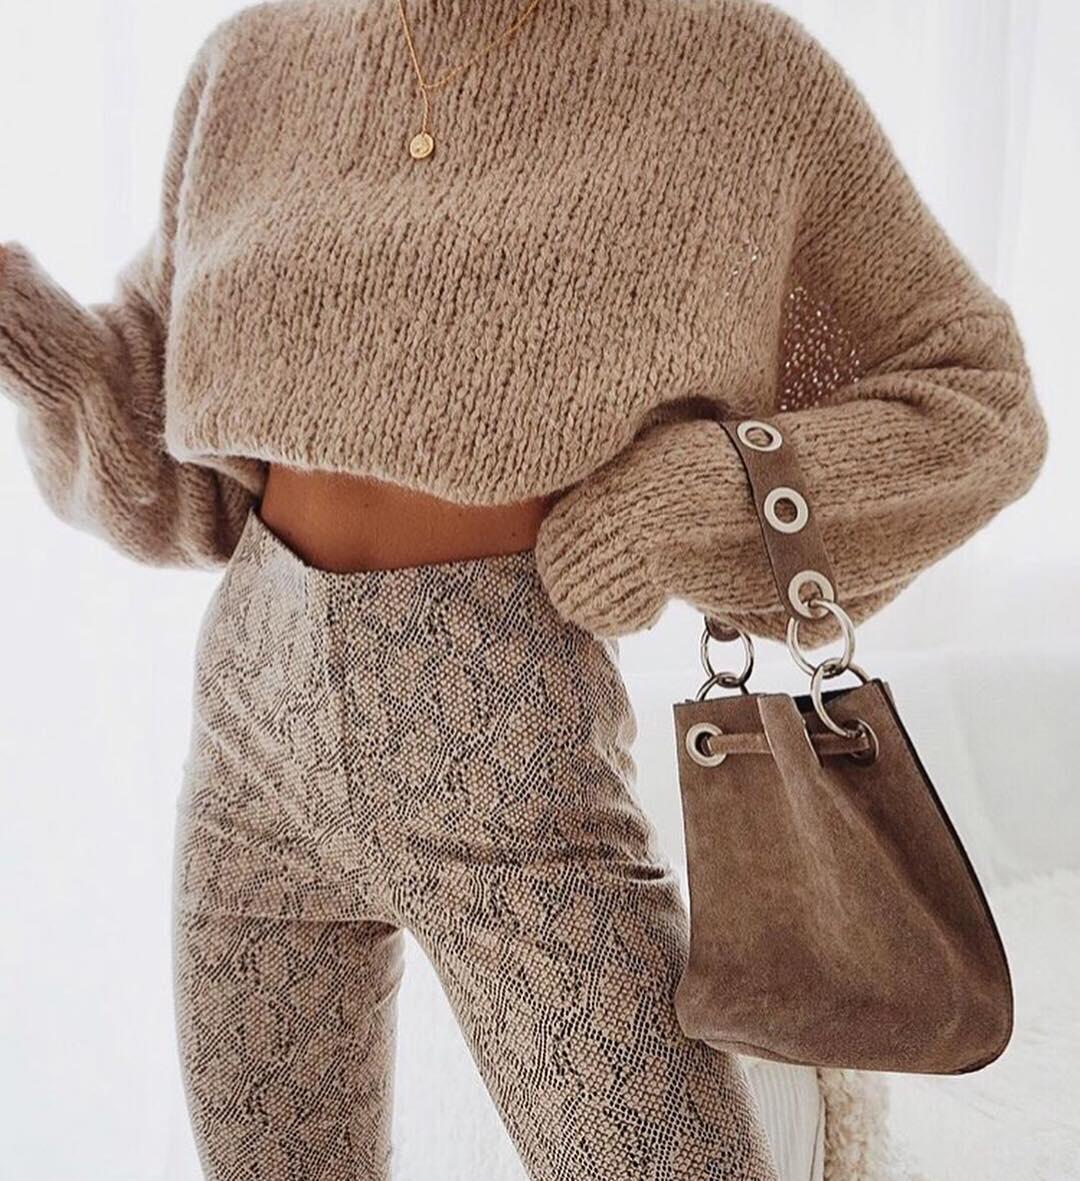 Нюдовый джемпер и свитер зимы 2019 фото 1